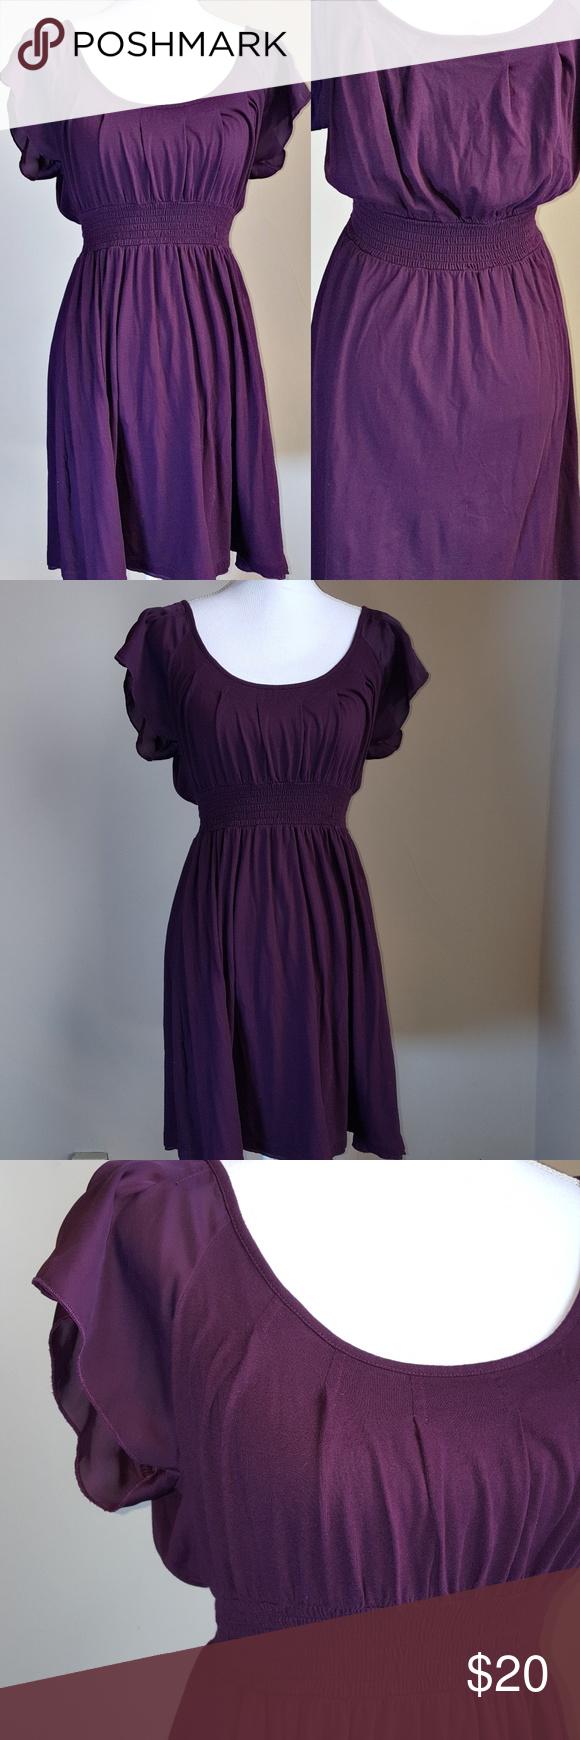 Final Price Drop!* Express Flutter Sleeves Dress   Cotton summer ...